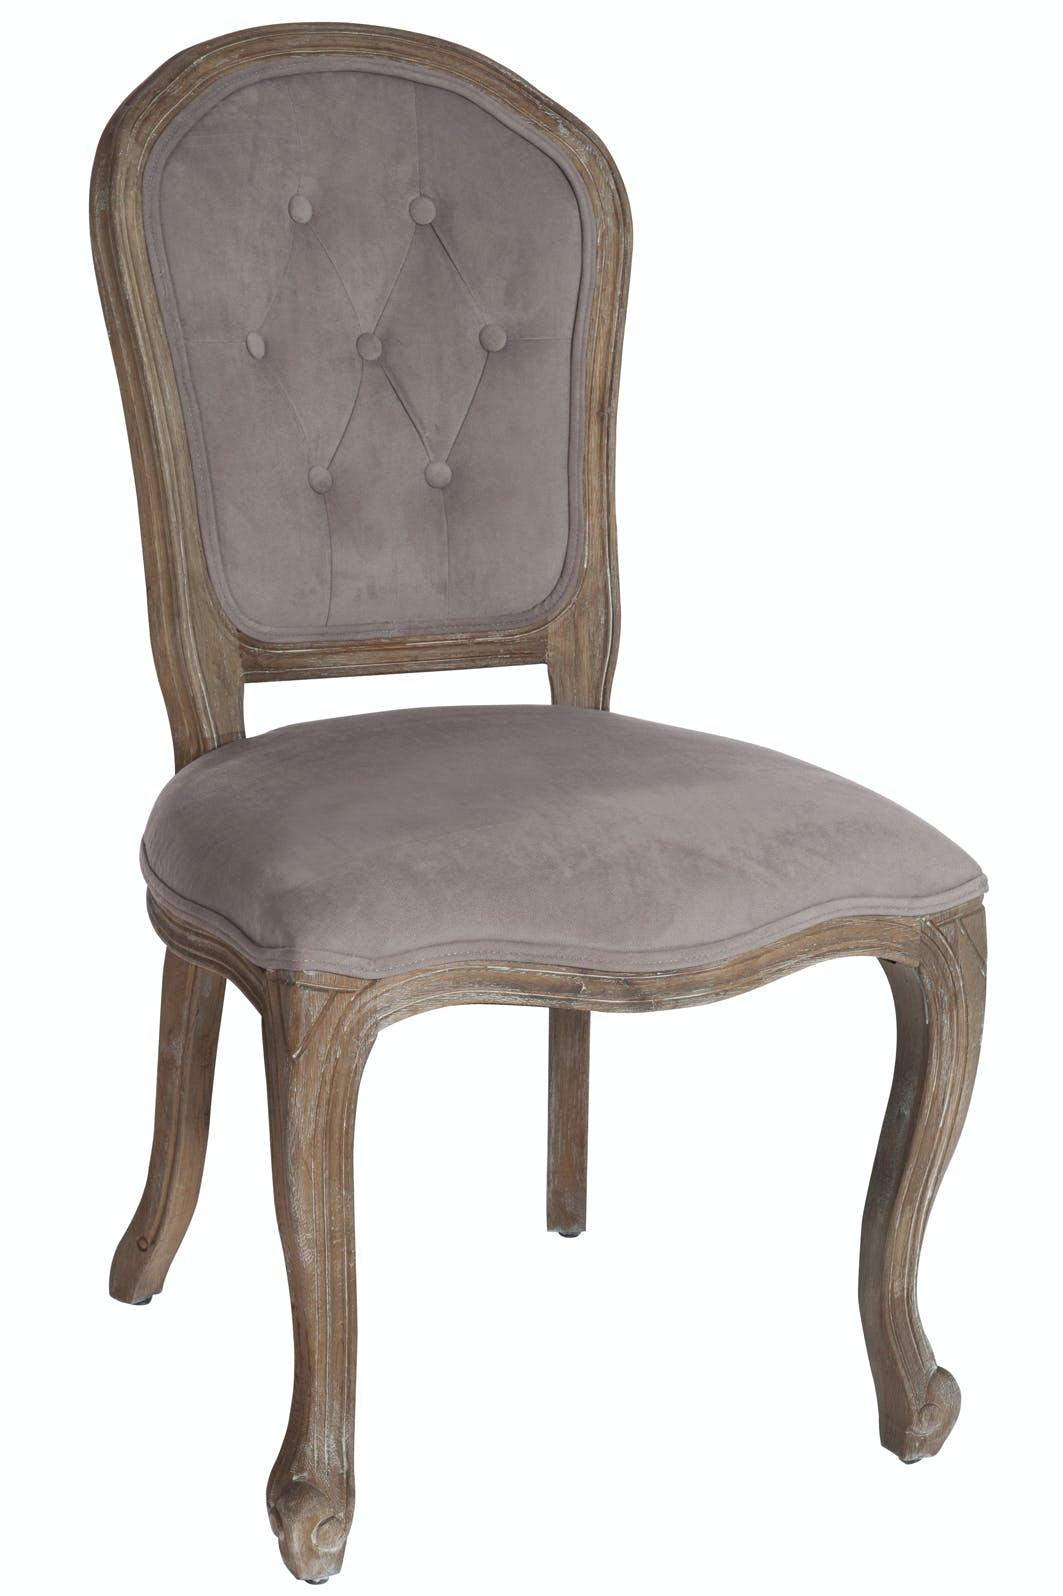 Chaise romantique taupe en chêne, dossier à boutons